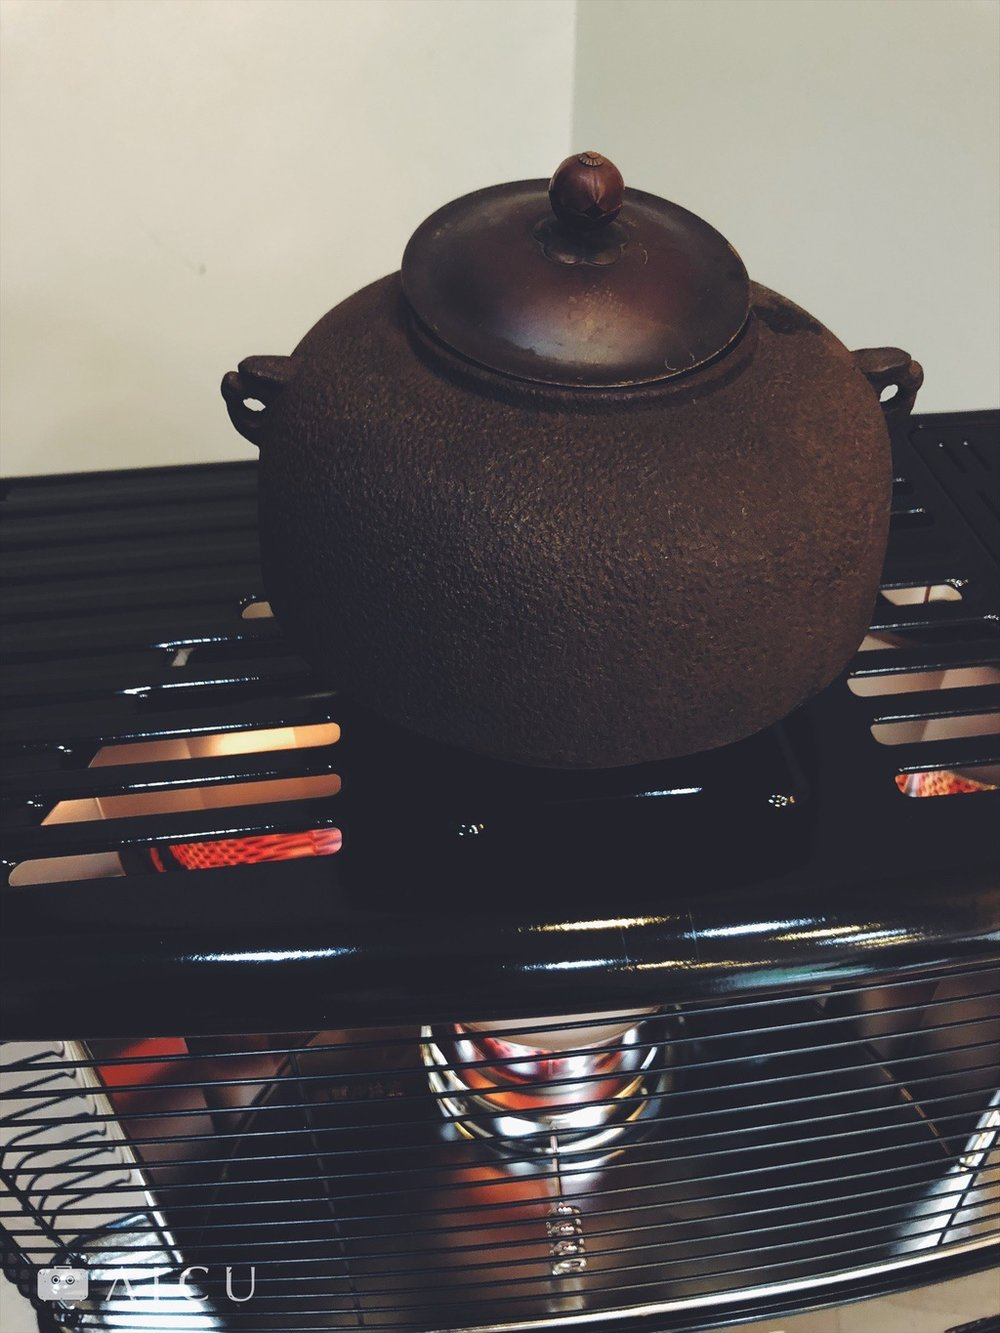 用暖爐有時太乾燥,因此最好是放個煮水壺或鐵壺在上頭,又煮水也是增加濕度。